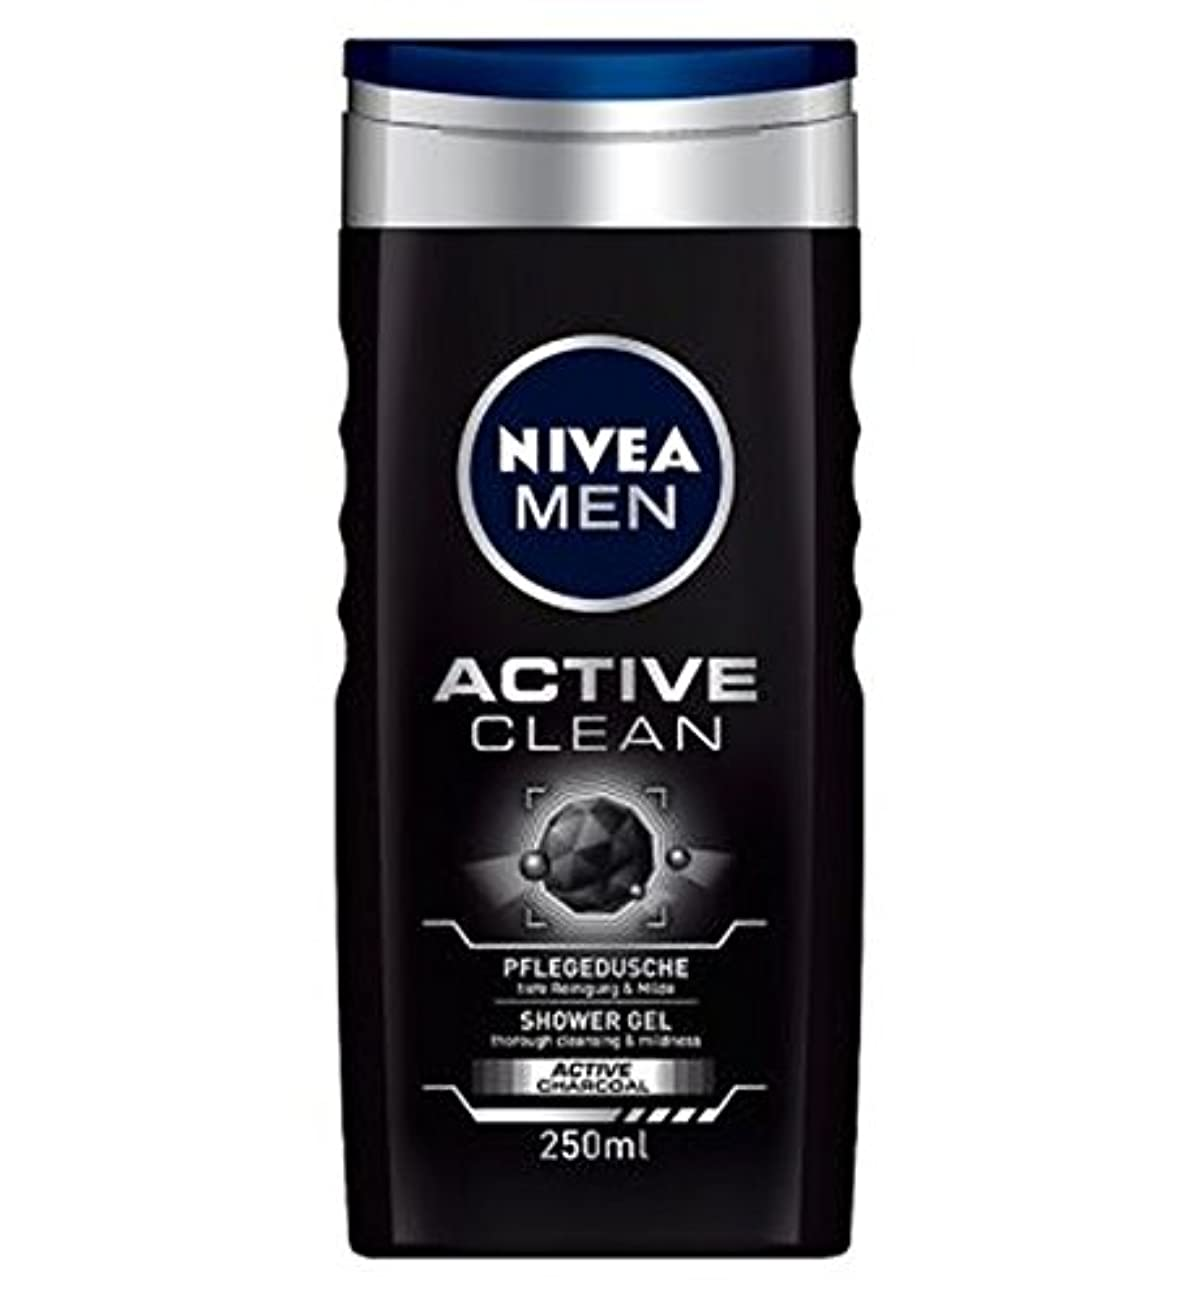 トレースジム混合NIVEA MEN Active Clean Shower Gel 250ml - ニベアの男性アクティブクリーンシャワージェル250ミリリットル (Nivea) [並行輸入品]